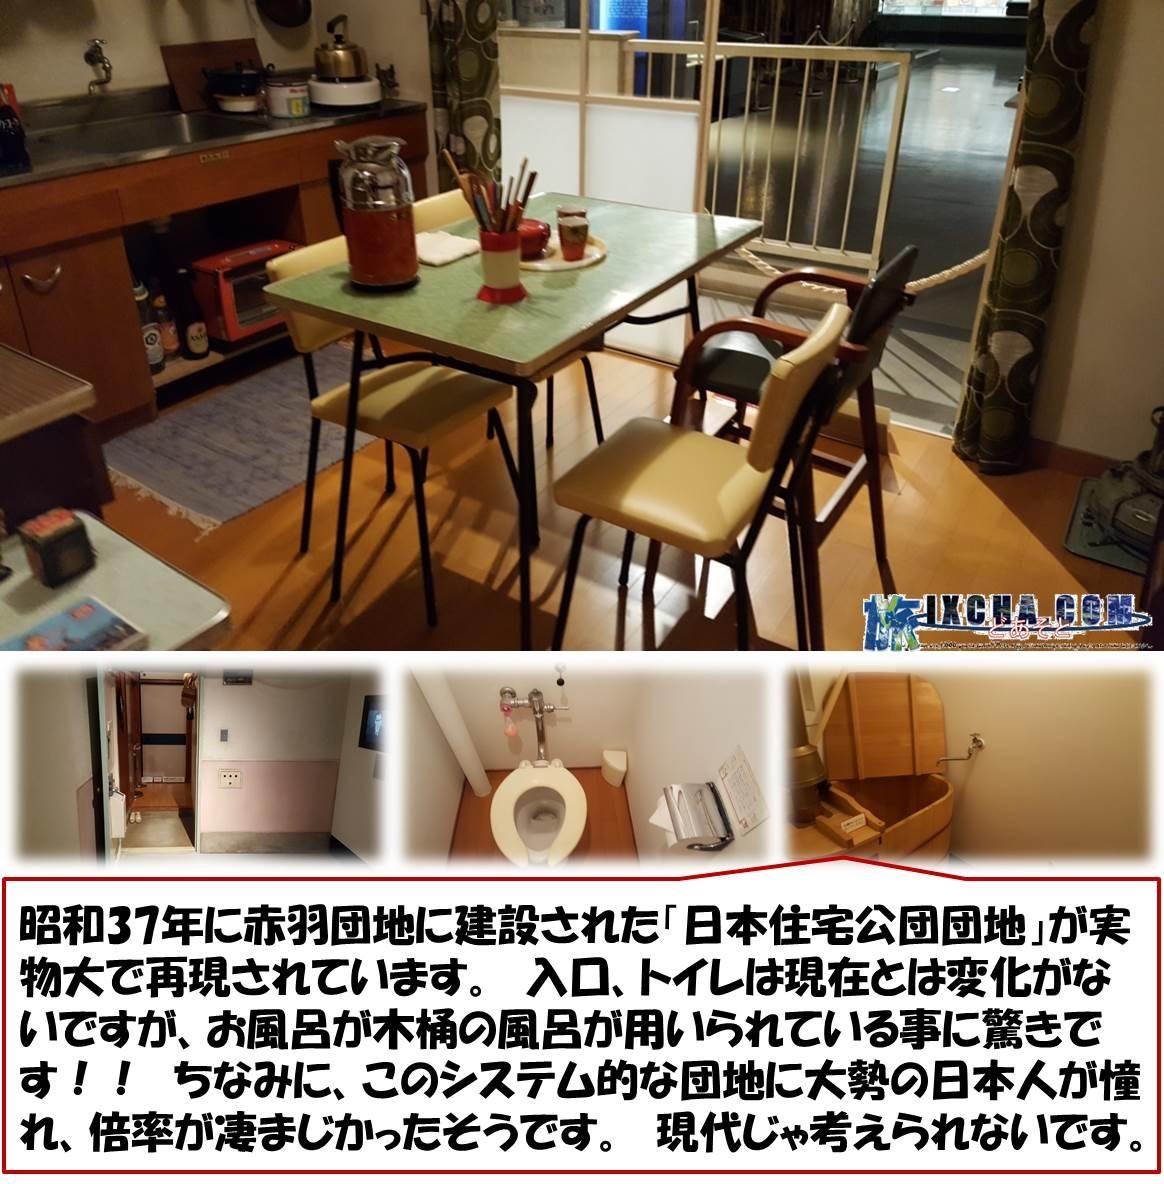 昭和37年に赤羽団地に建設された「日本住宅公団団地」が実物大で再現されています。 入口、トイレは現在とは変化がないですが、お風呂が木桶の風呂が用いられている事に驚きです!! ちなみに、このシステム的な団地に大勢の日本人が憧れ、倍率が凄まじかったそうです。 現代じゃ考えられないです。